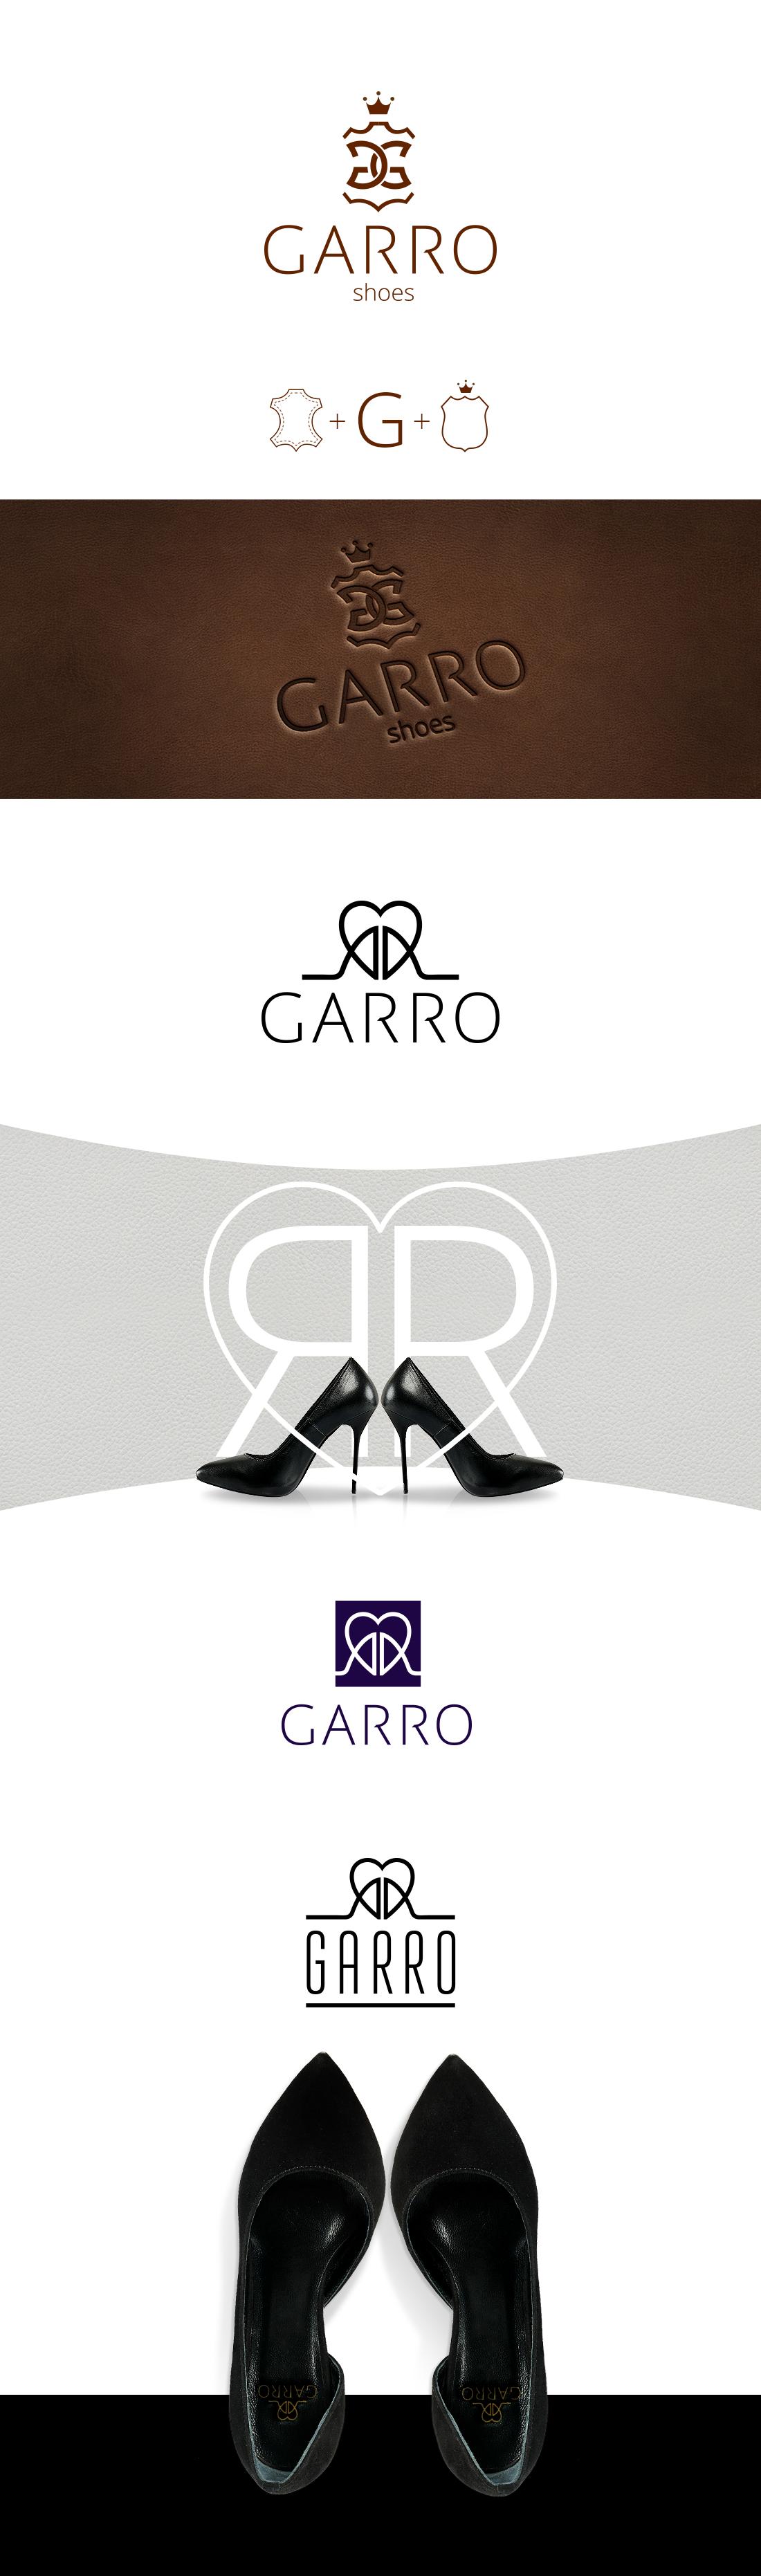 Garro (обувная фабрика)